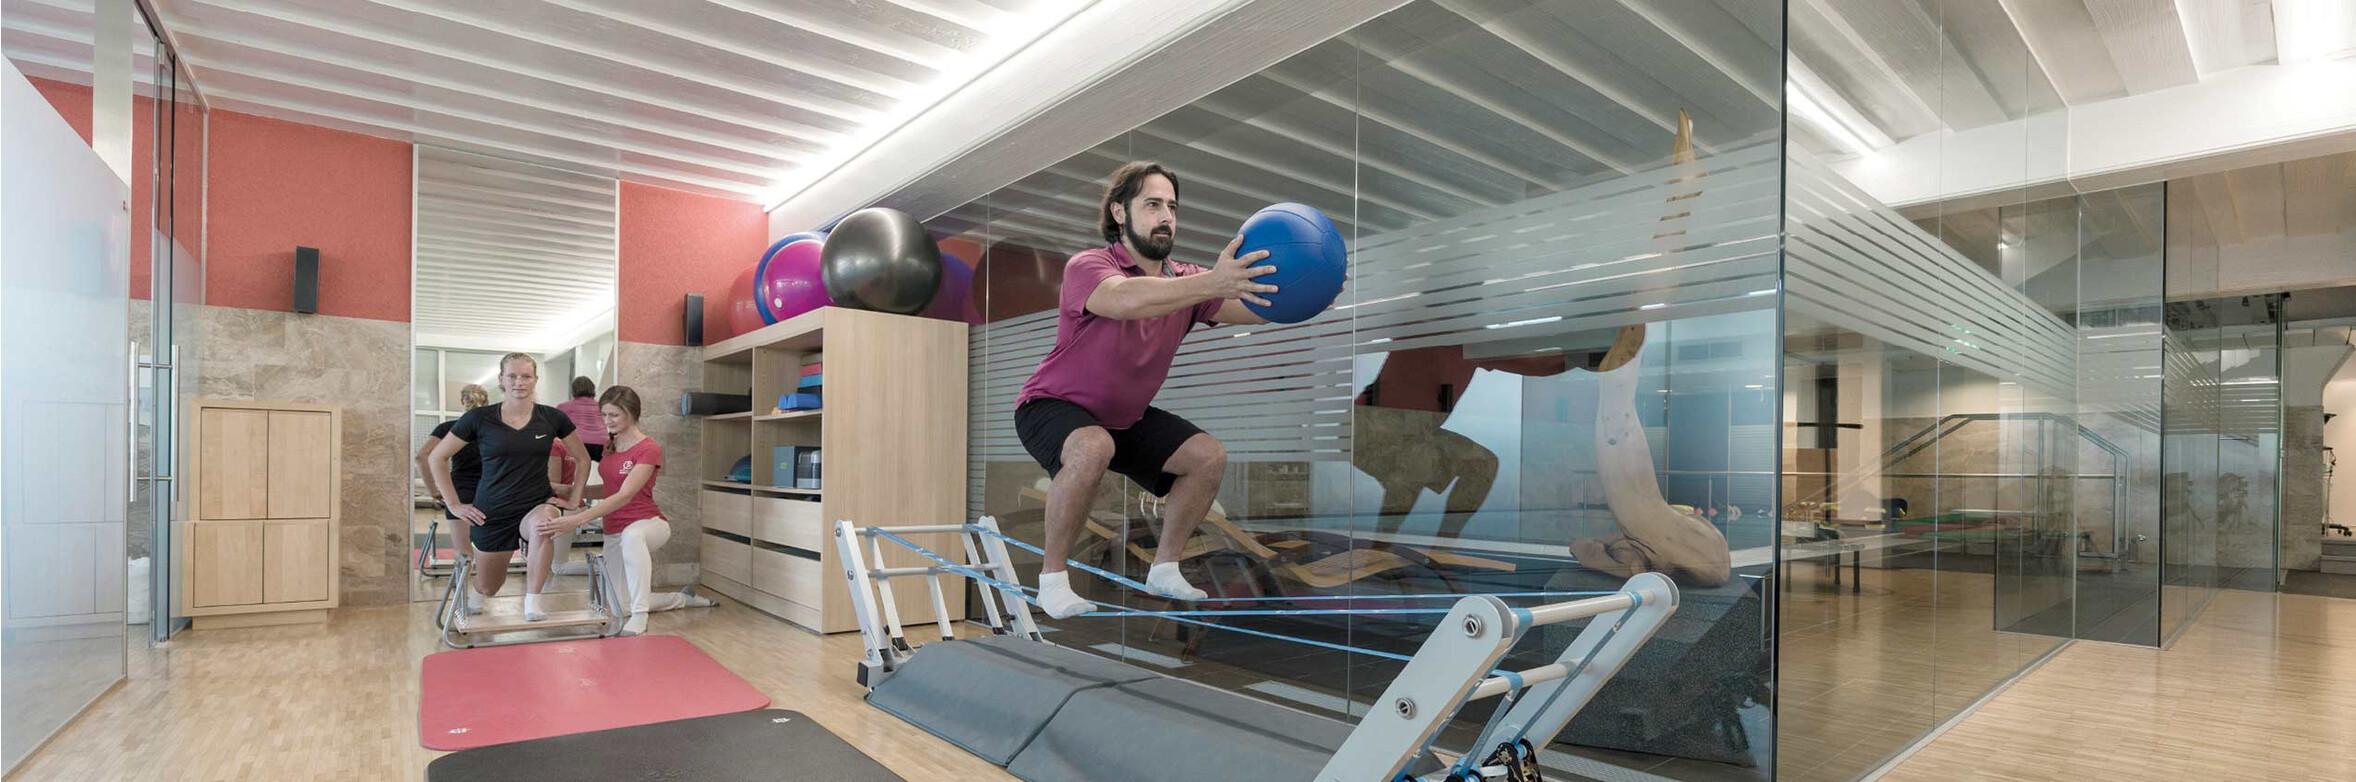 pzi-burtscher-sportphysiotherapie